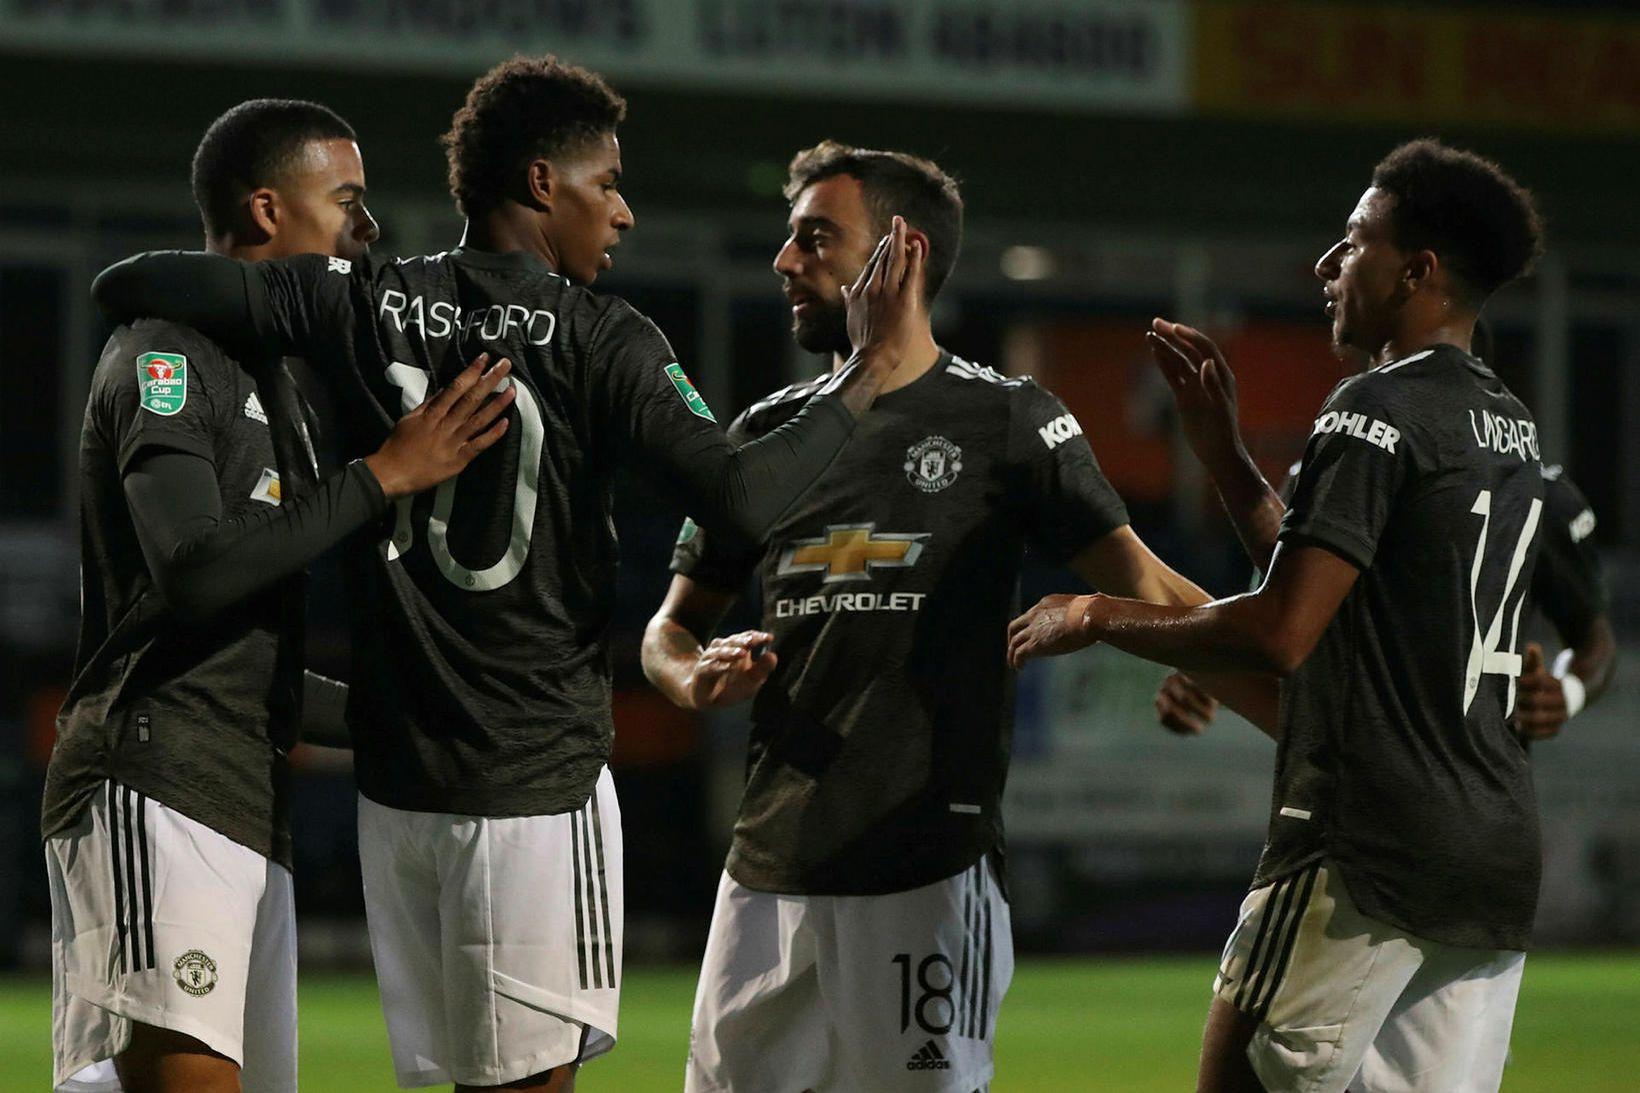 Leikmenn Manchester United fagna í kvöld.